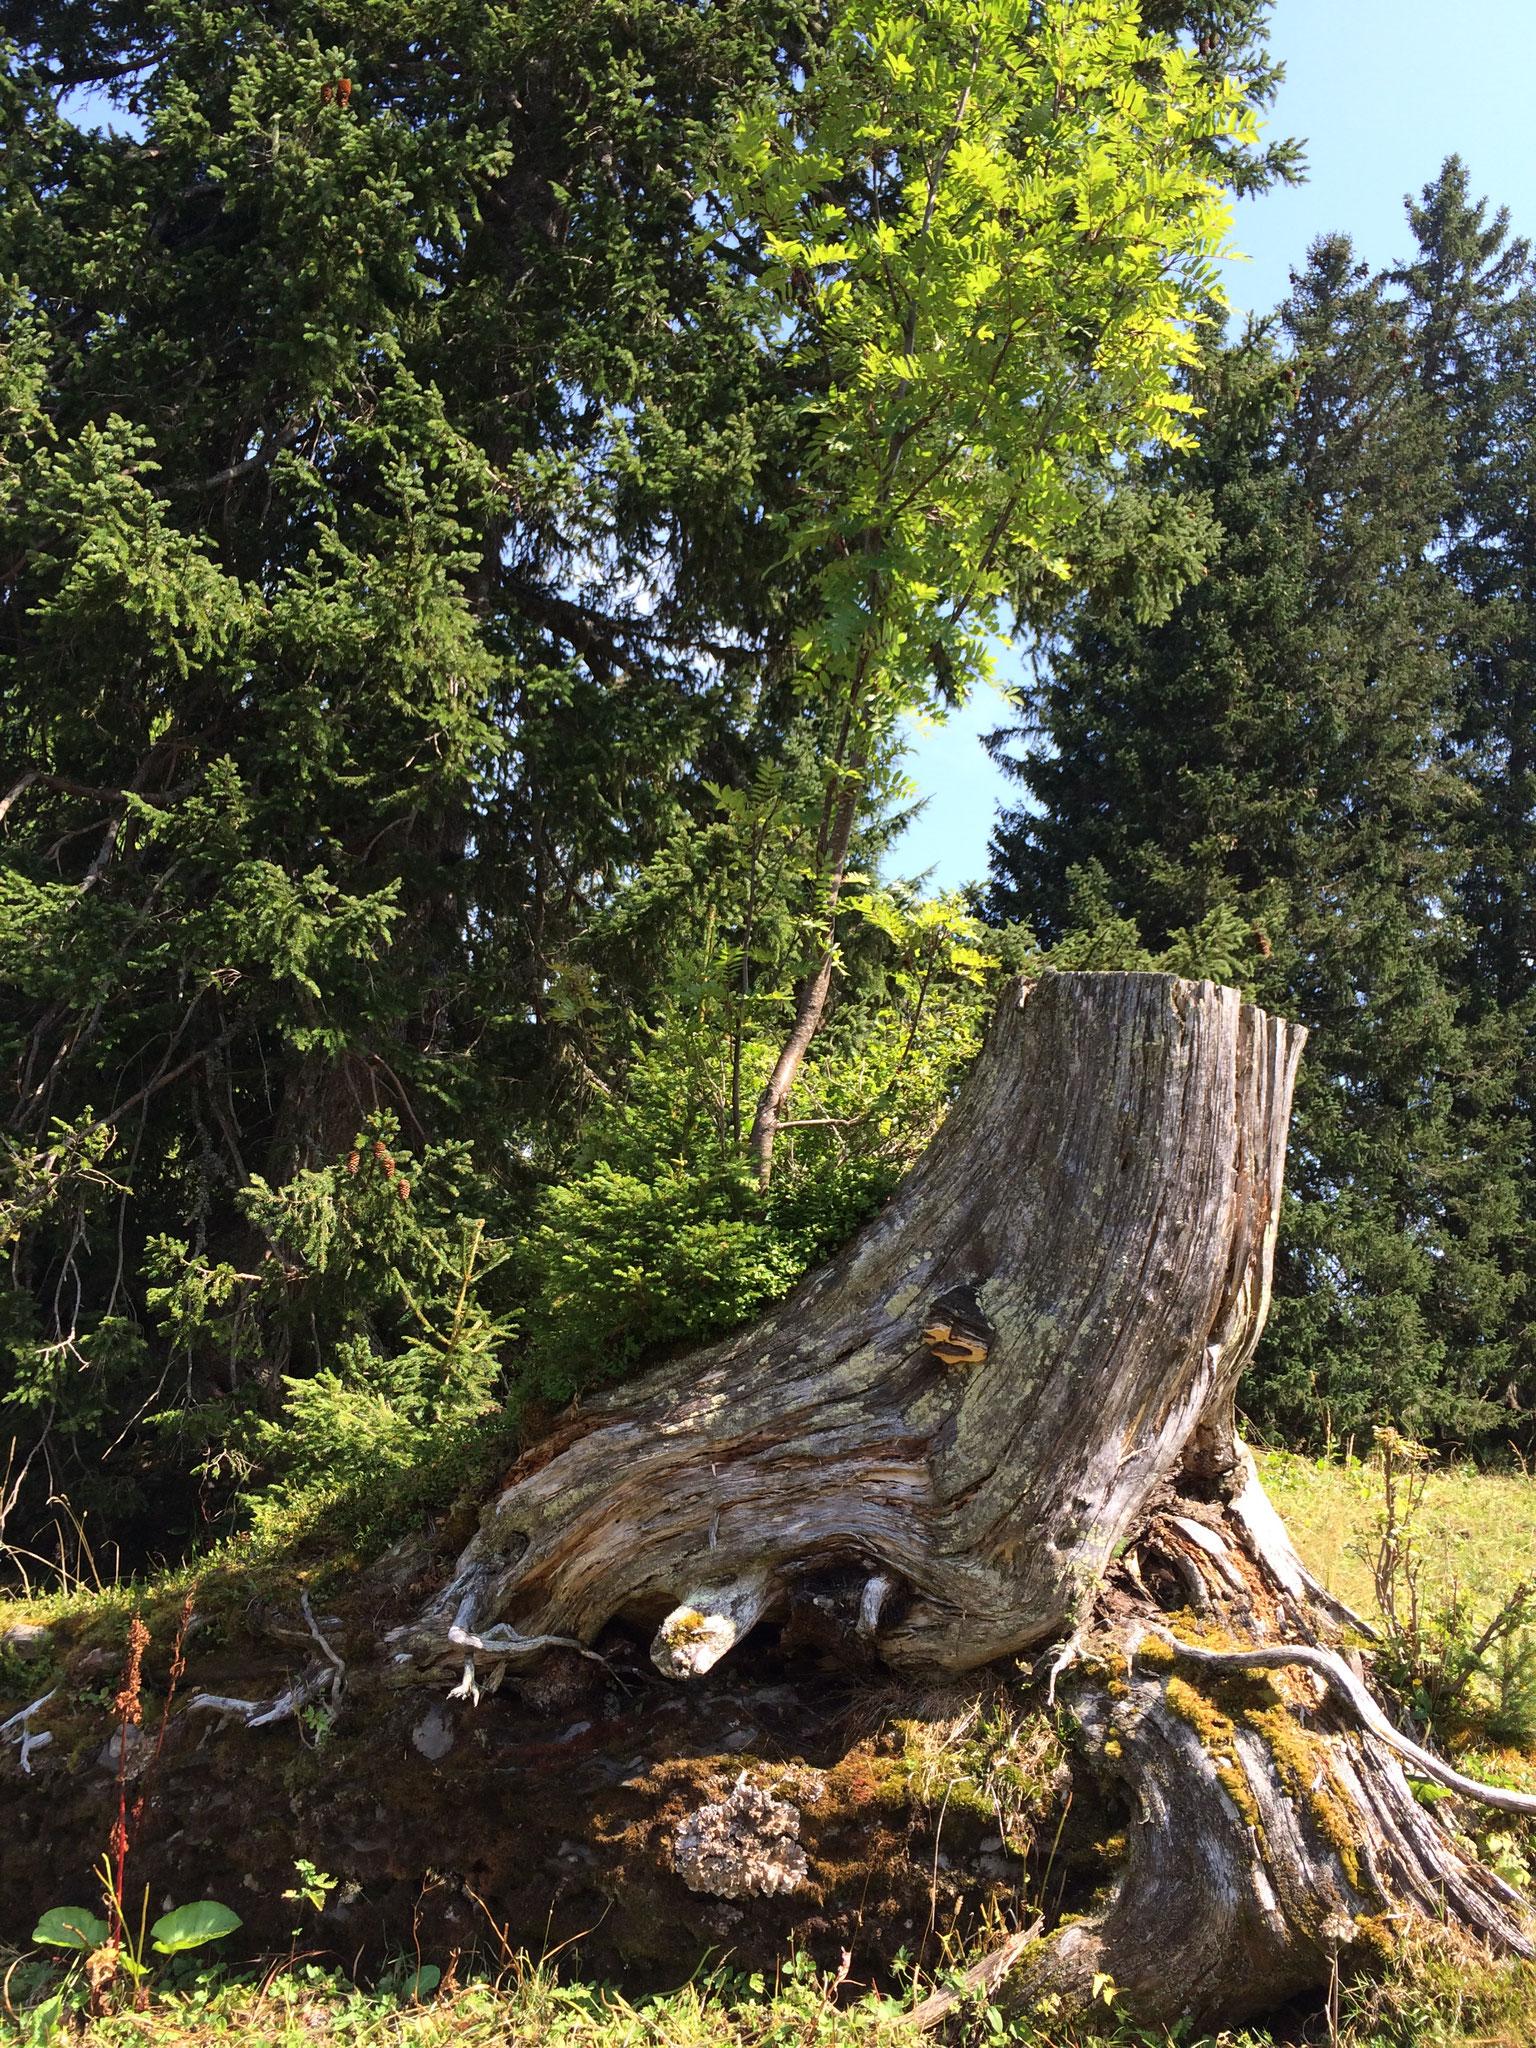 In der Nähe von gefällten Bäumen, kann ein Fundort sein von feinen Kräutern